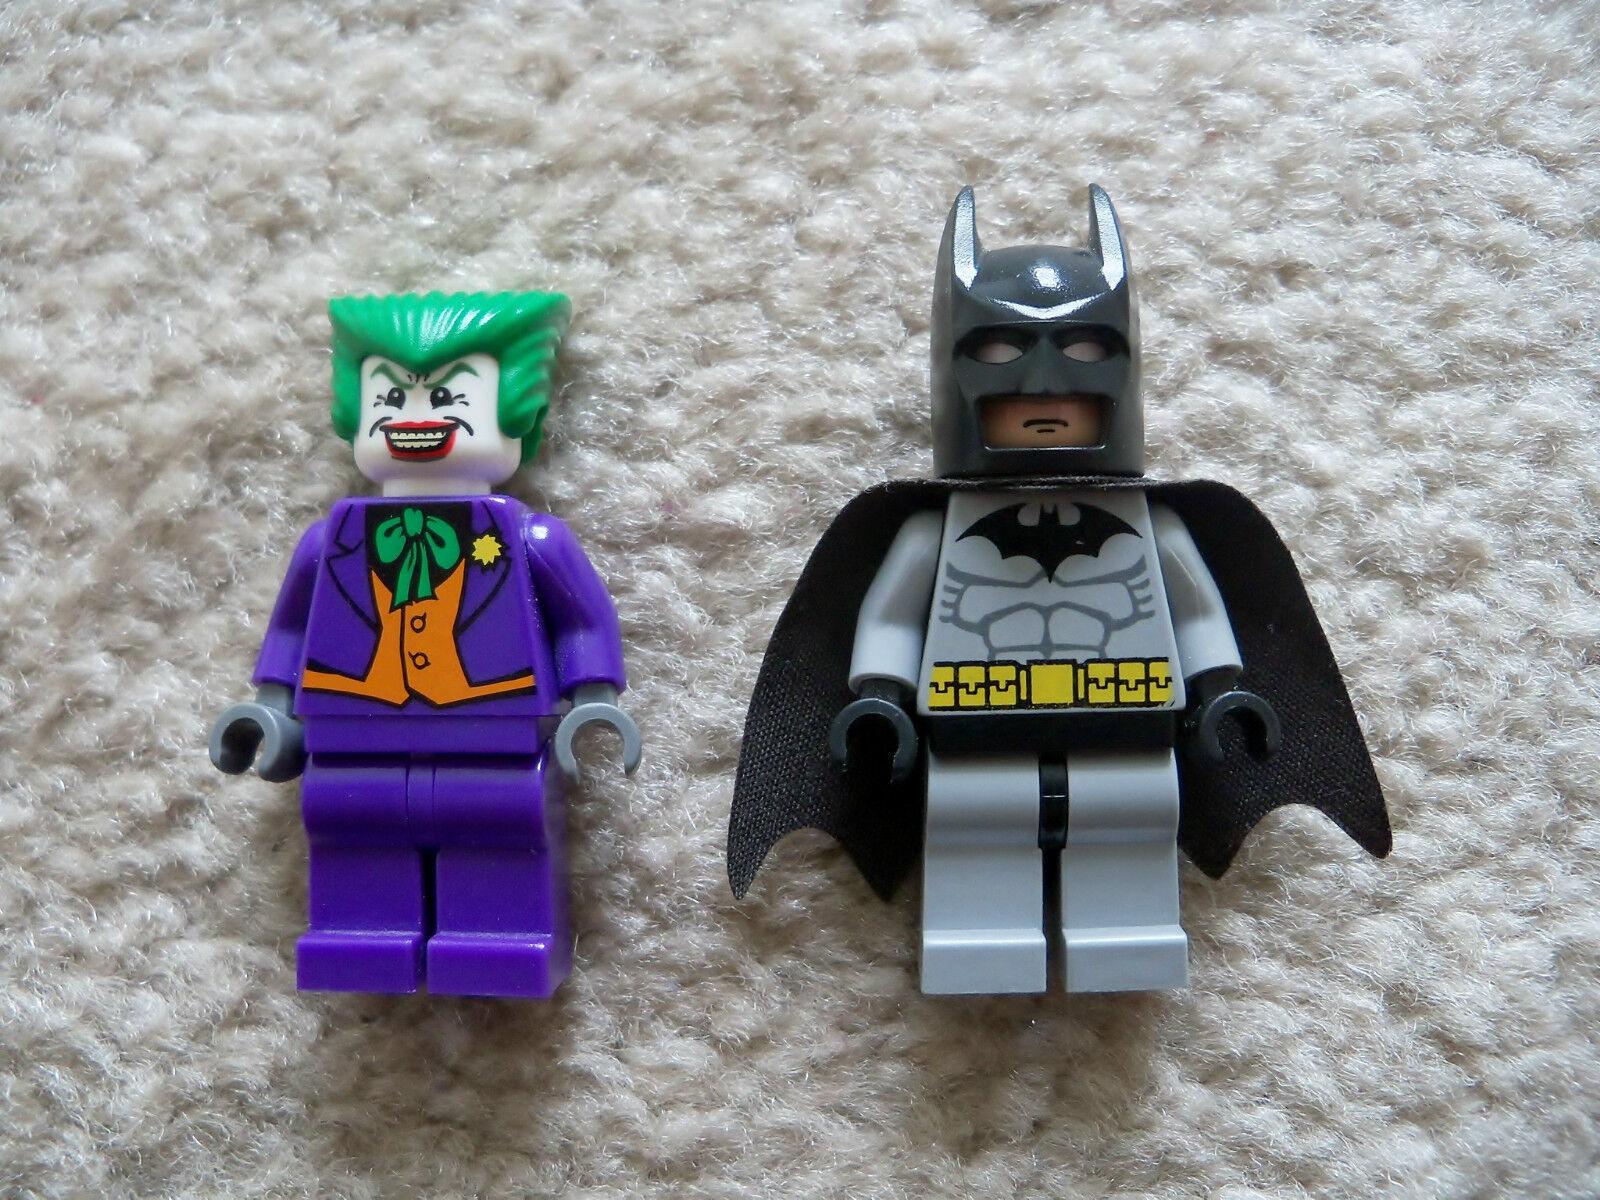 LEGO Batman - - - Super Rare - Joker & Batman Minifigs - Excellent 9d83f3